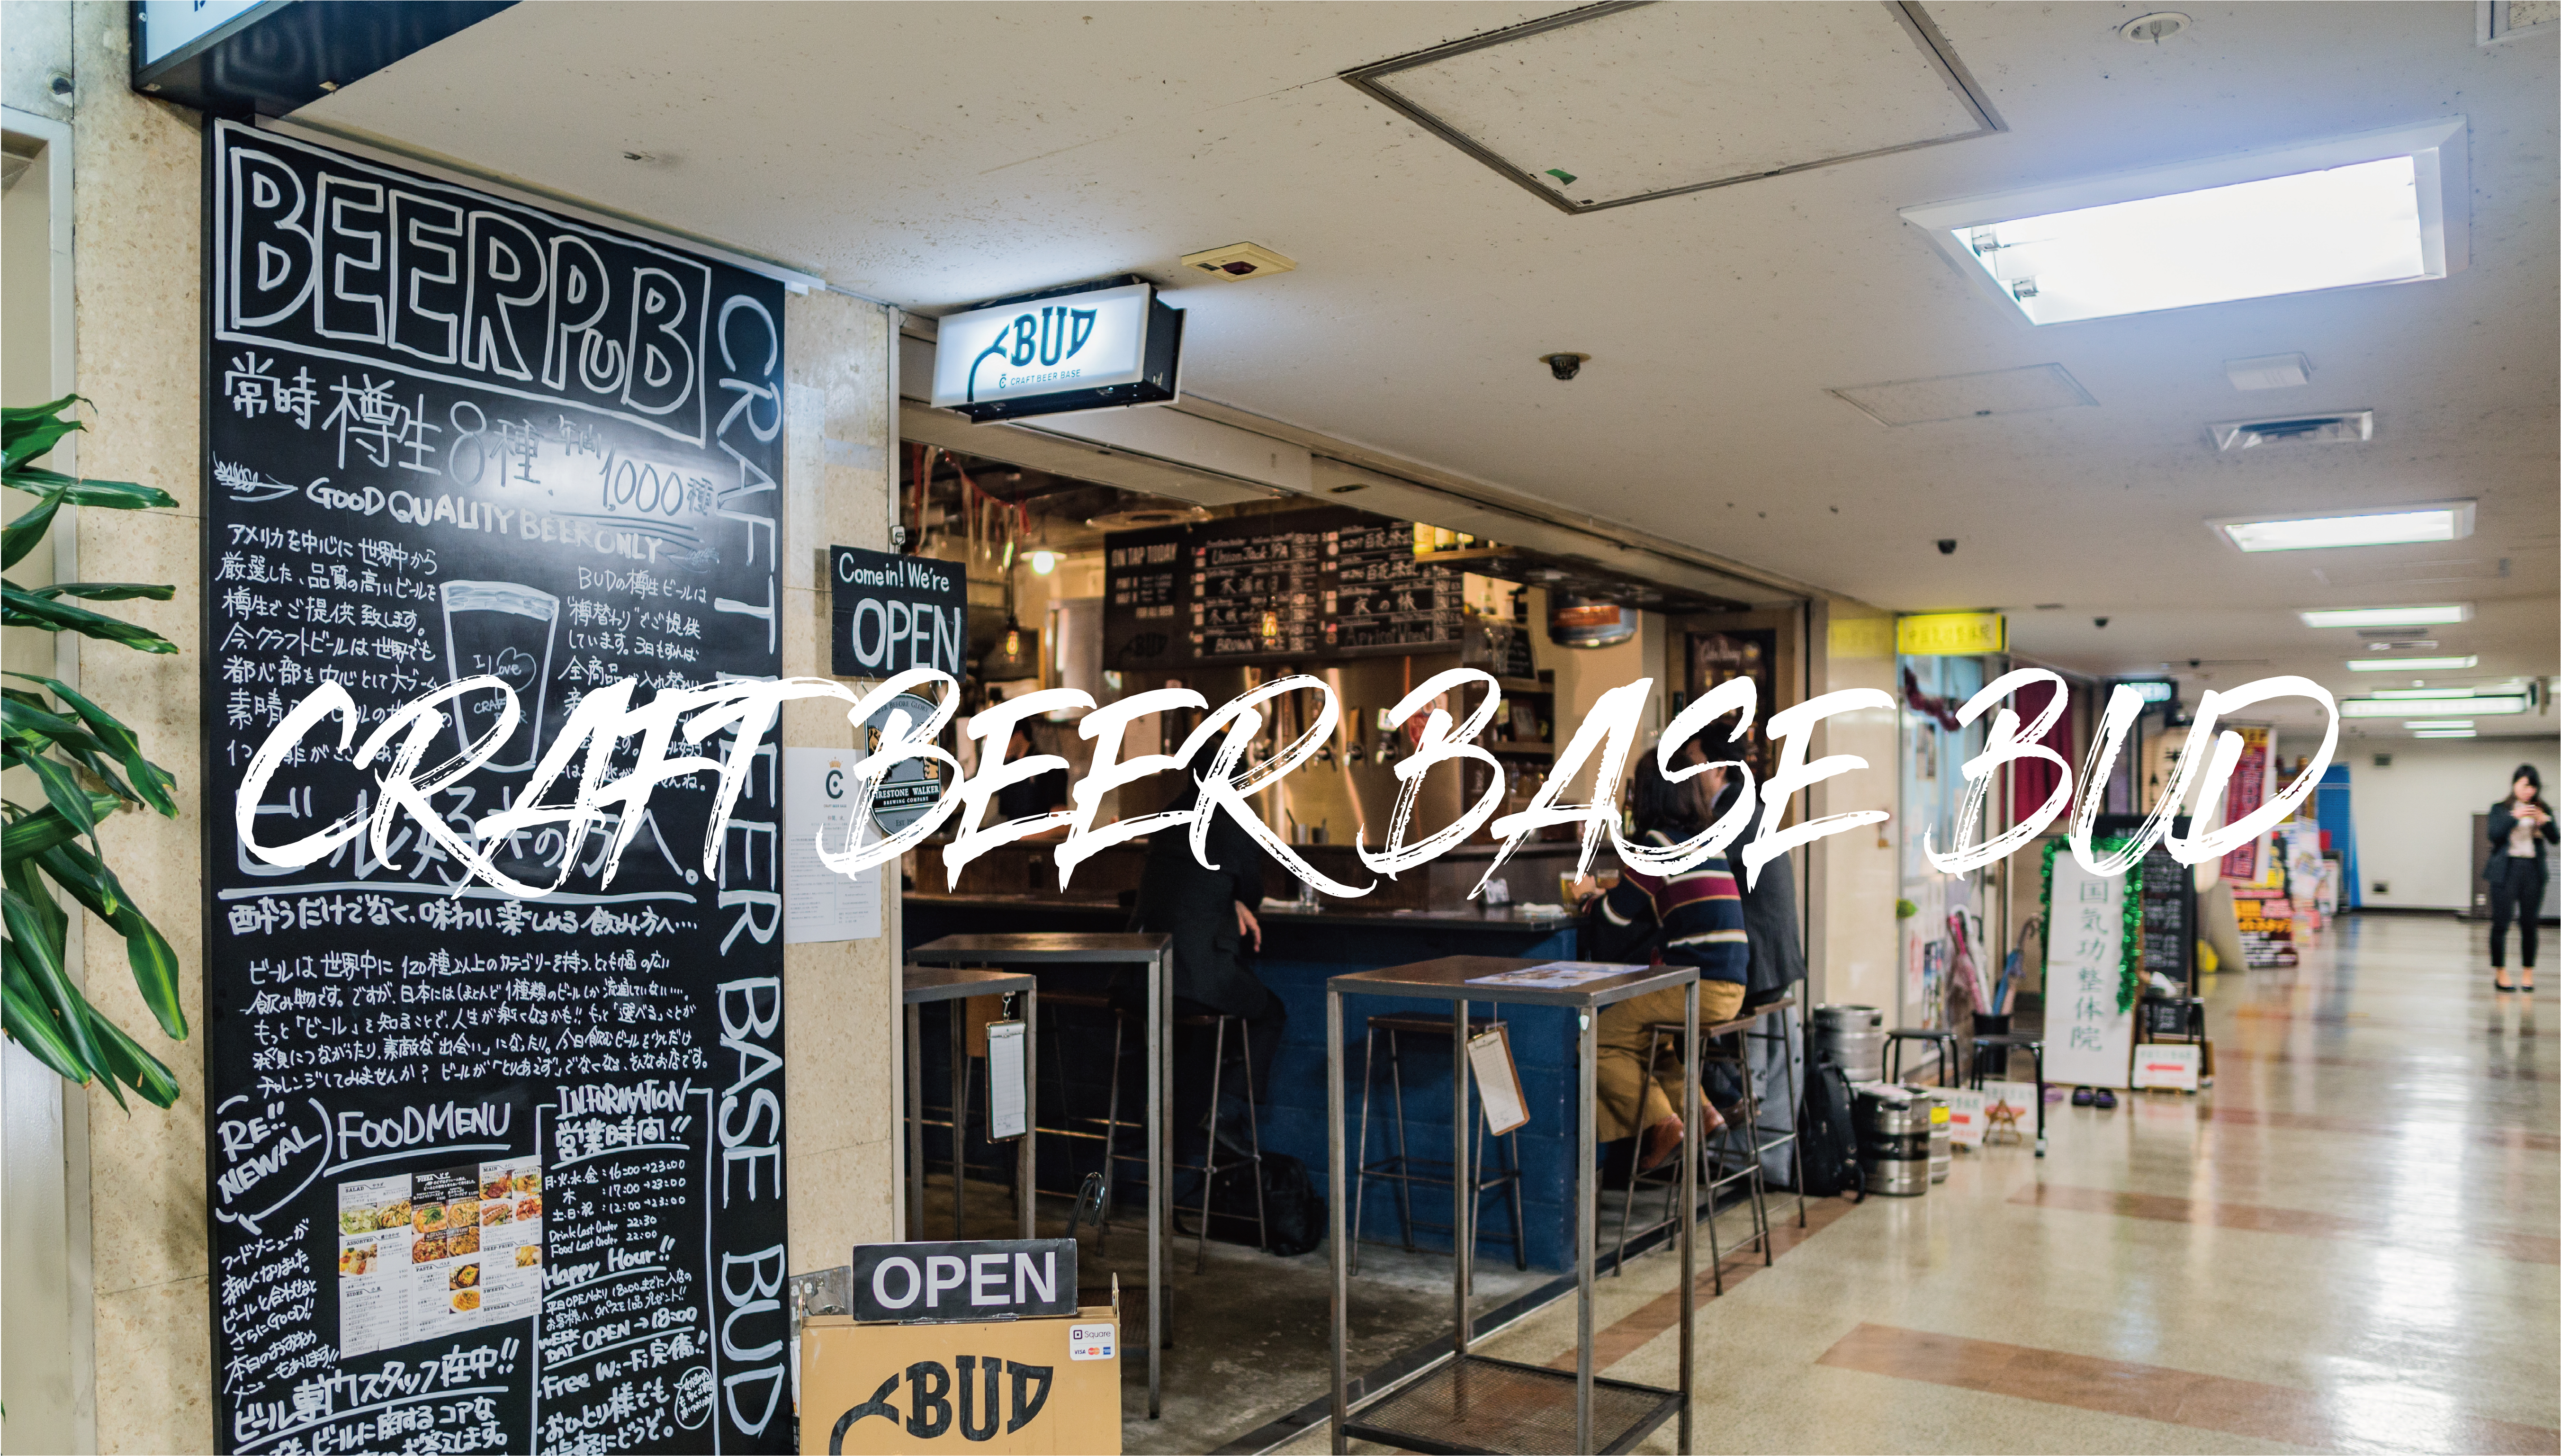 craft beer base bud 梅田 大阪 梅田駅 大阪駅 クラフトビール 地ビール ビール